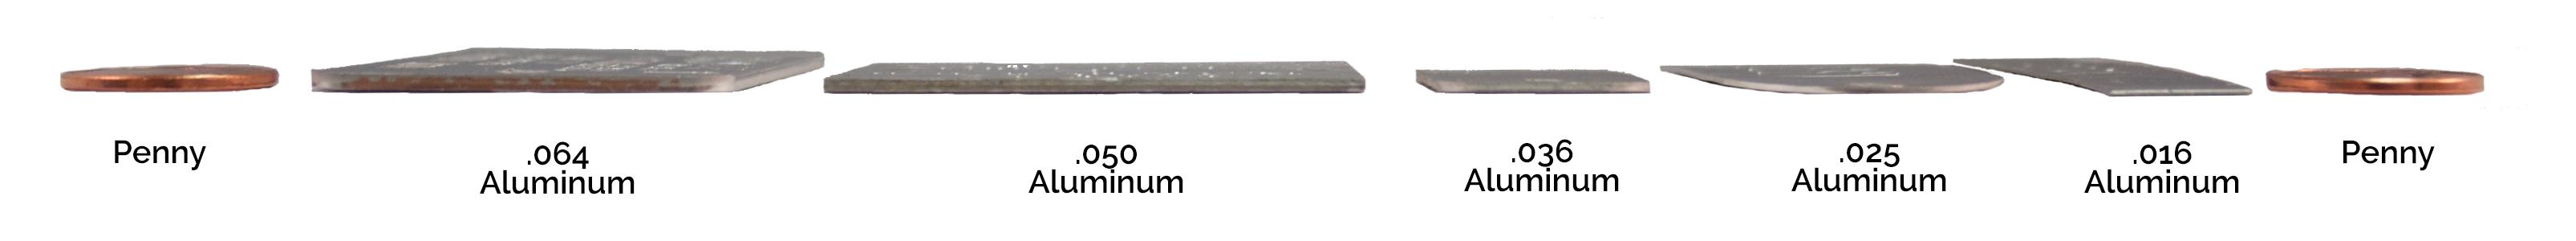 aluminum thickness